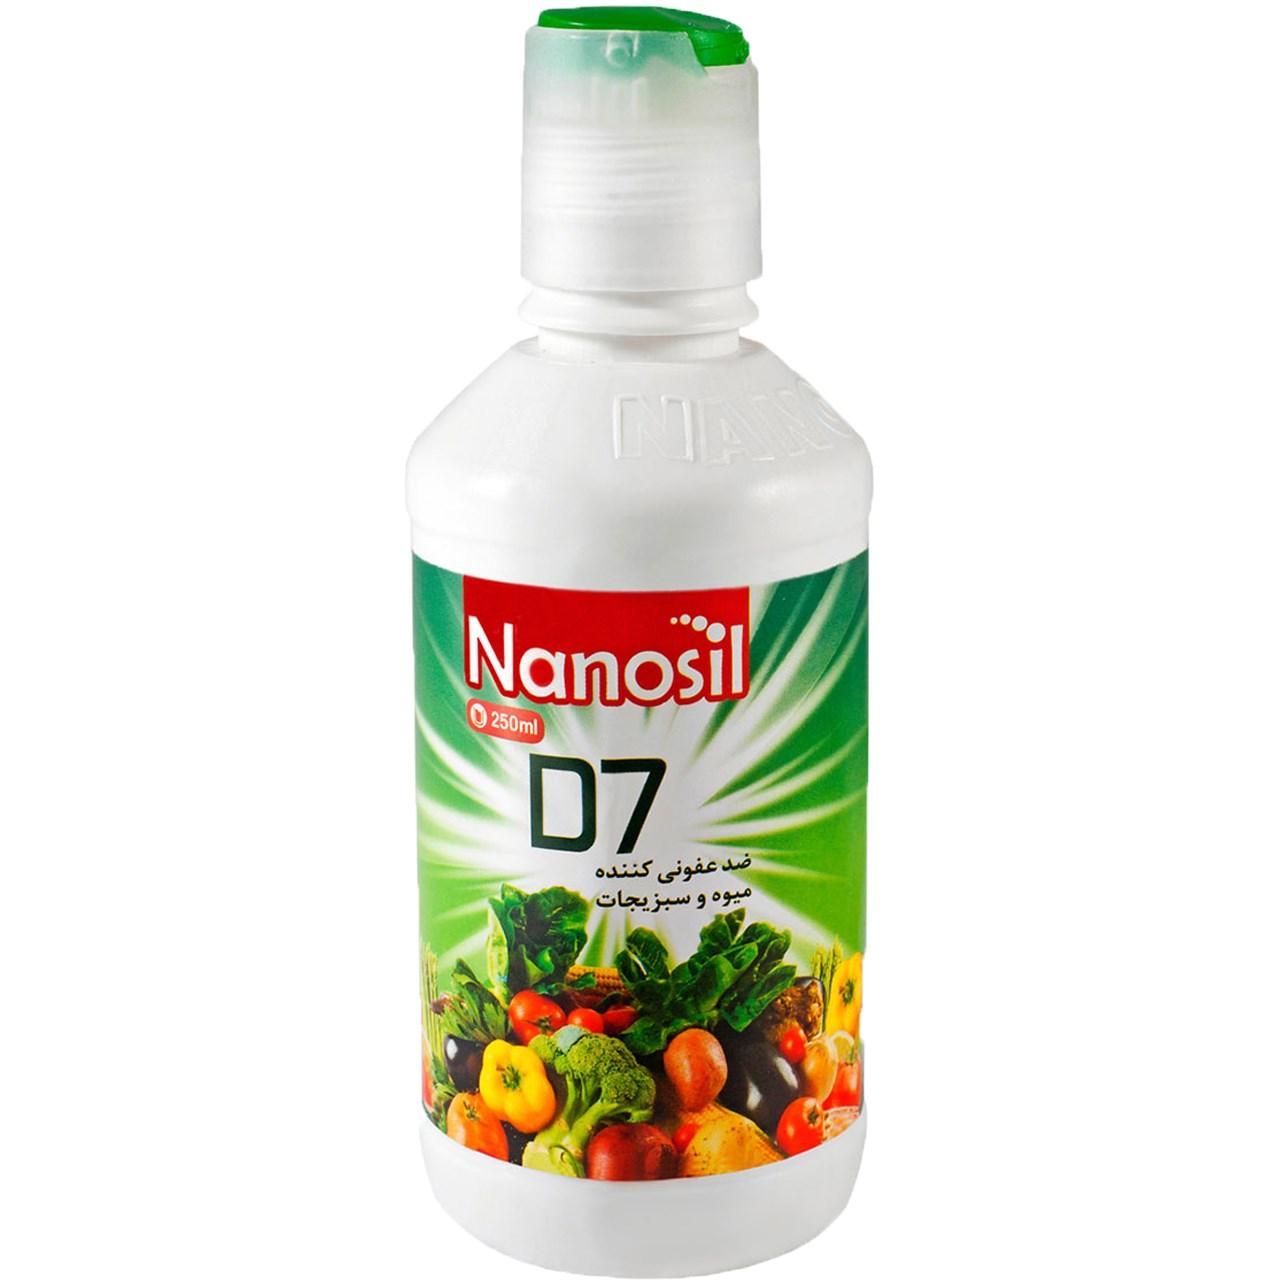 ضد عفونی کننده میوه و سبزیجات نانوسیل مدل D7 حجم 250 میلی لیتر